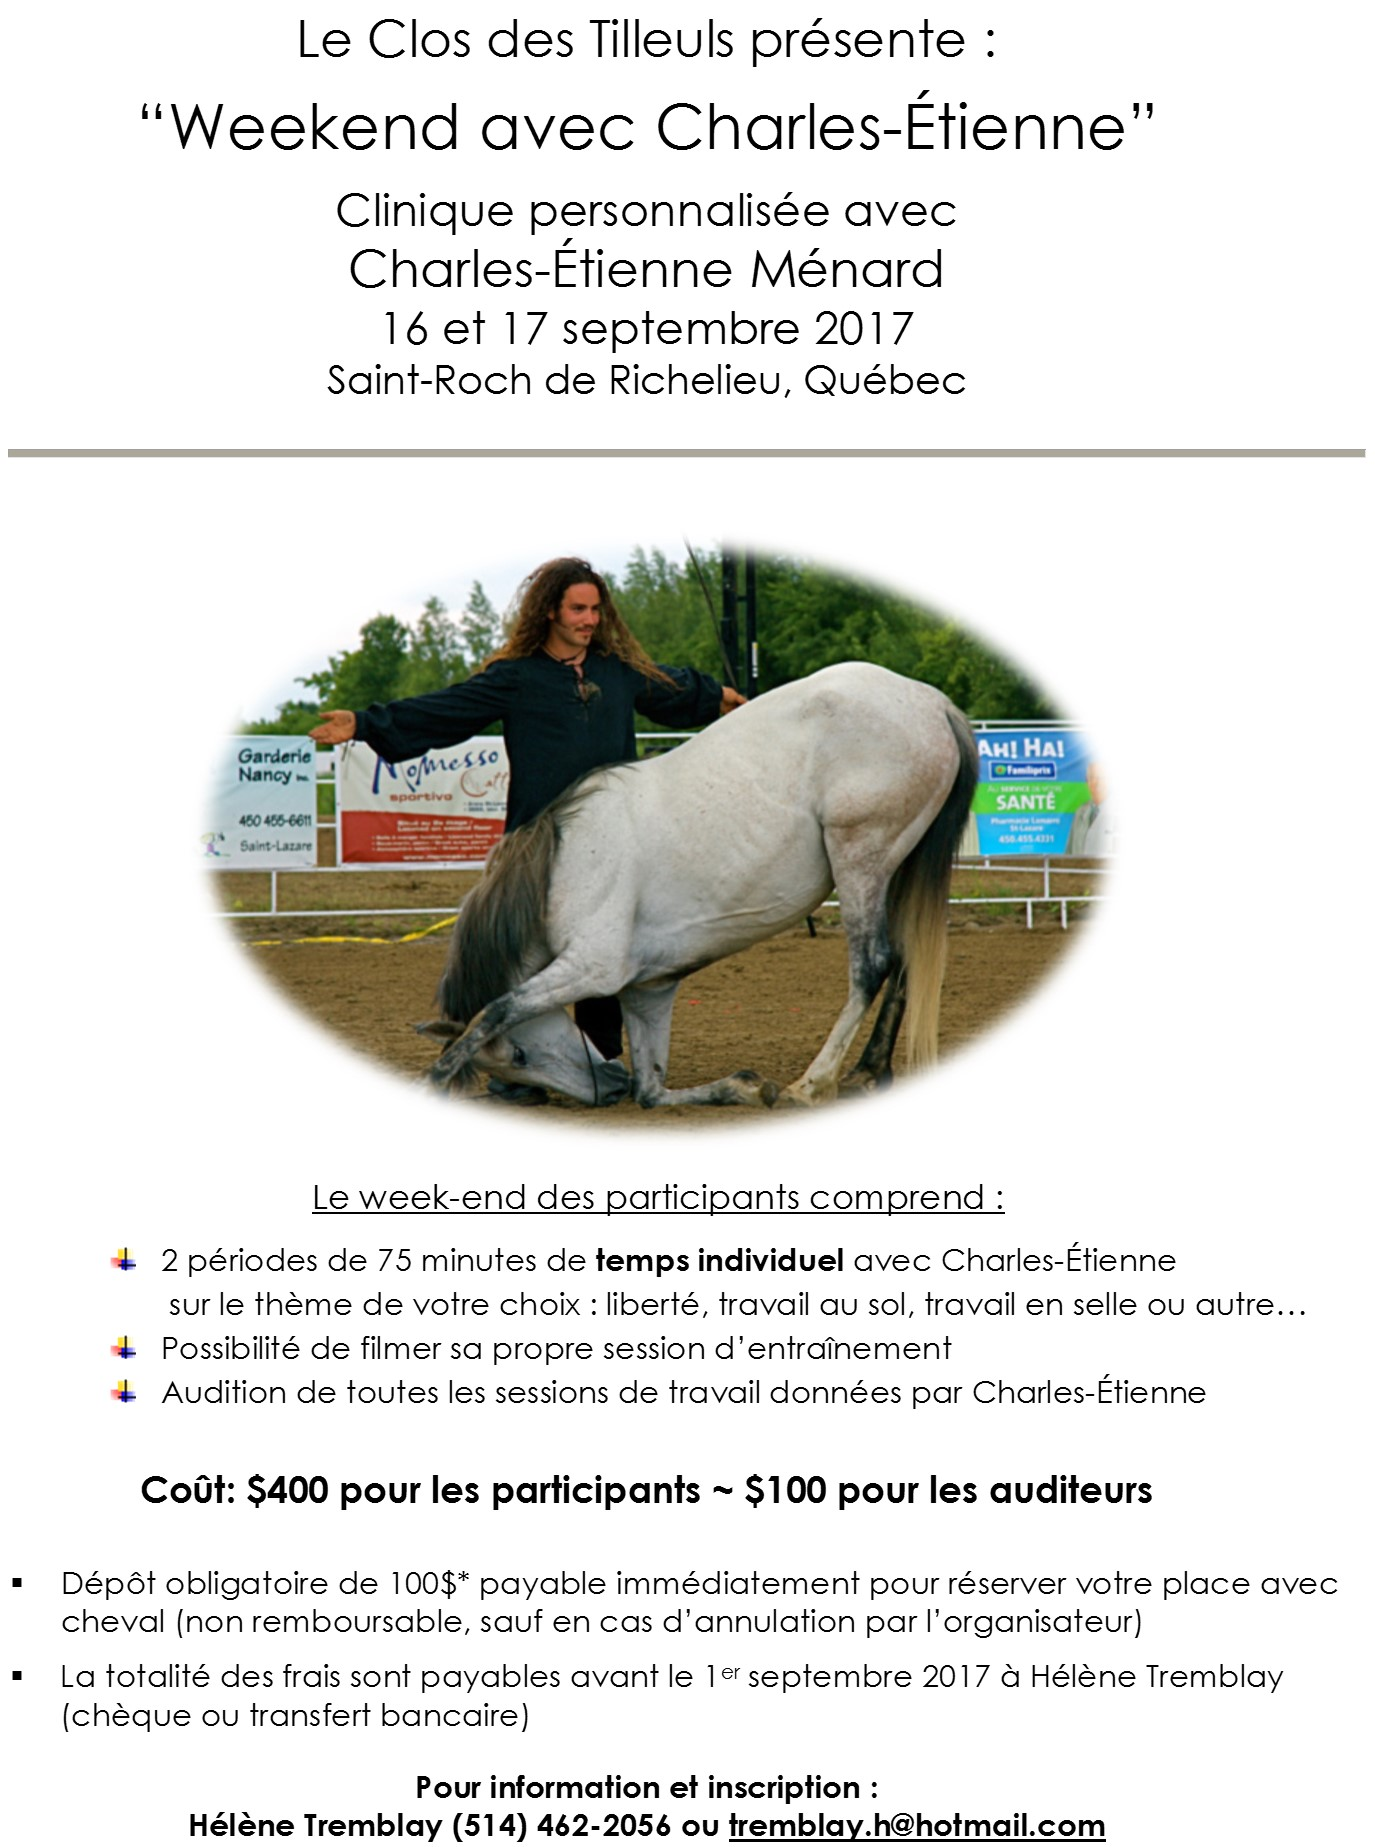 Le Clos des Tilleuls présente: « Weekend avec Charles-Étienne »